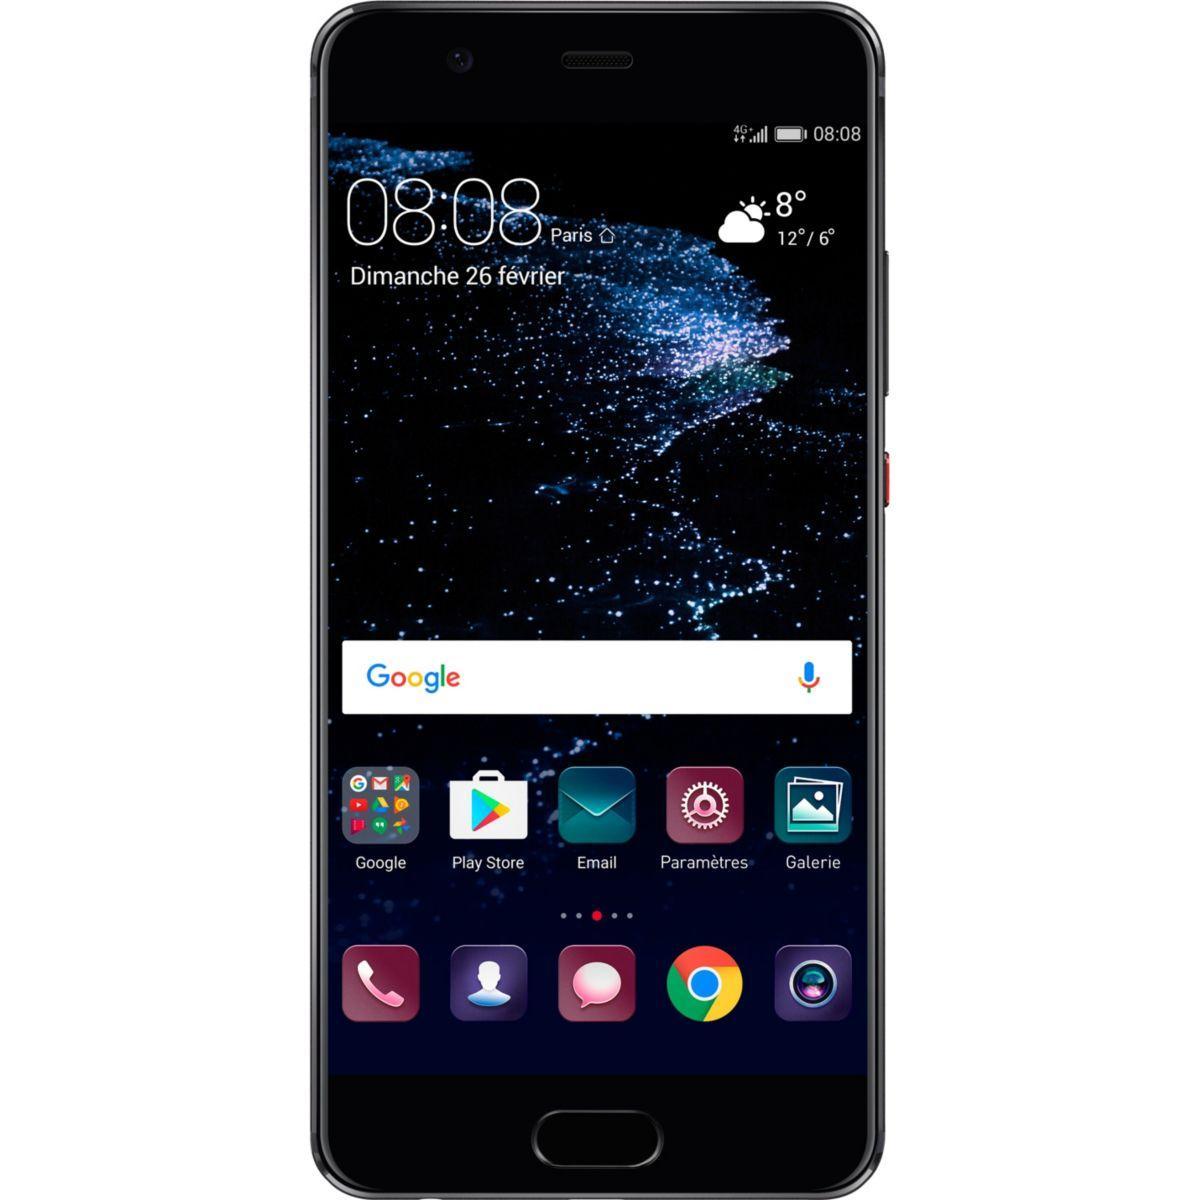 Smartphone huawei p10 plus noir - 10% de remise imm�diate avec le code : fete10